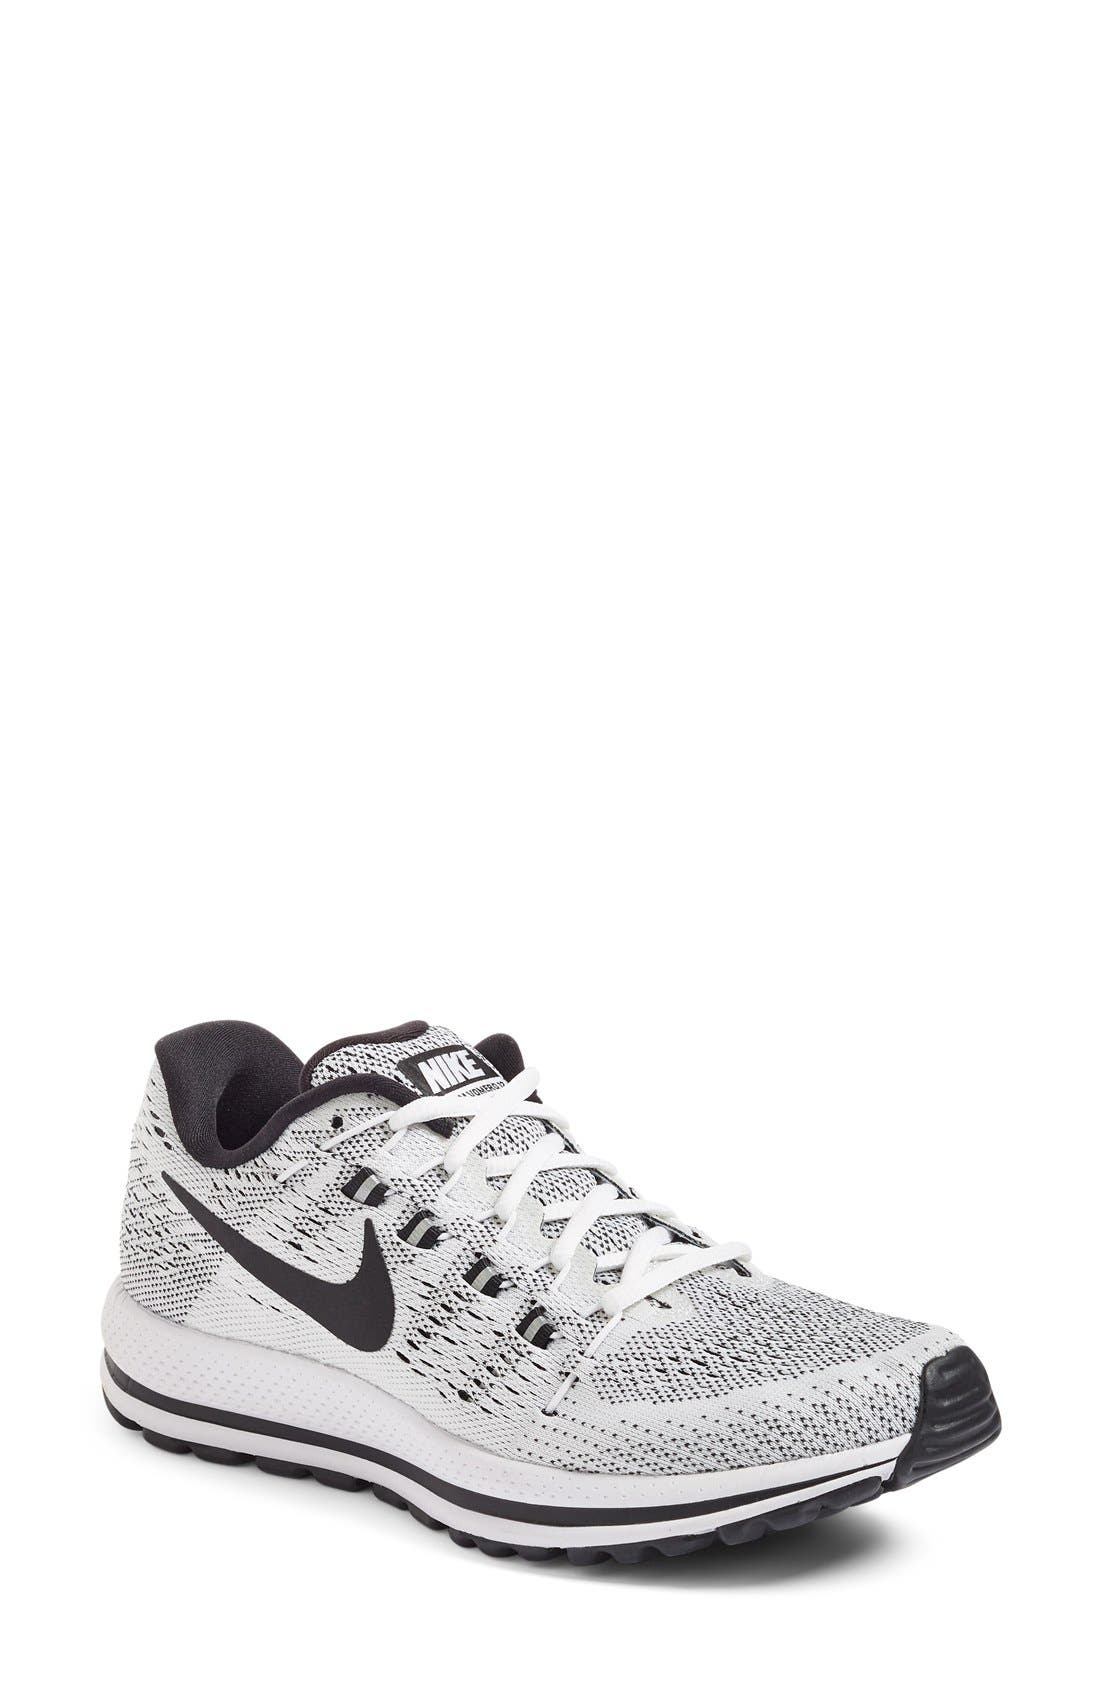 Nike Air Zoom Vomero 12 Running Shoe (Women)